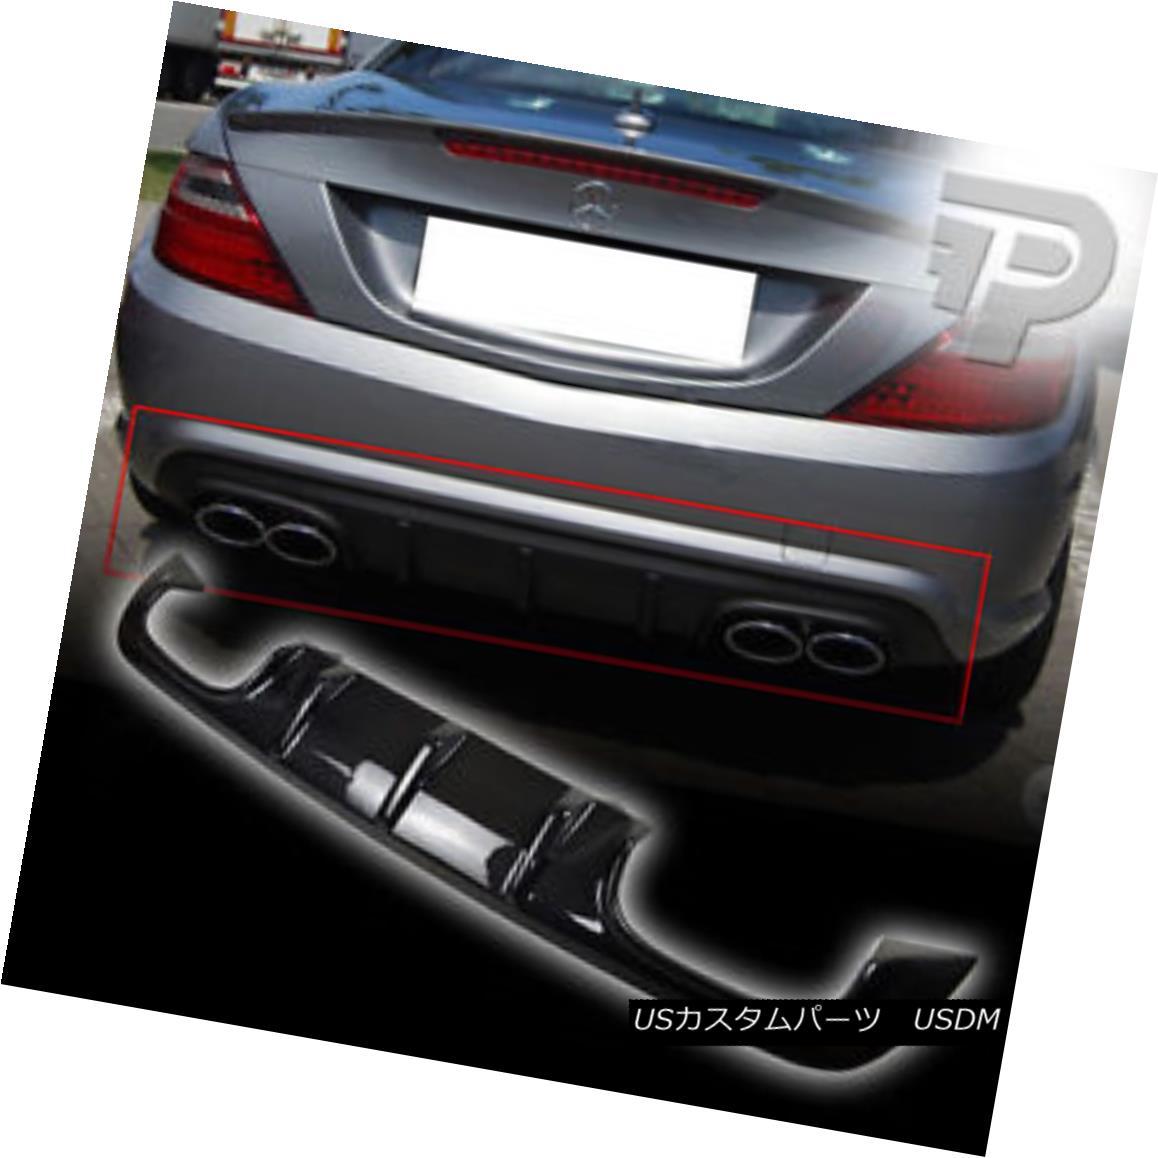 エアロパーツ SLK550 Look Carbon Fiber Rear Bumper Diffuser for 2011+ R172 SLK250 SLK350 SLK550は、2011年+ R172 SLK250 SLK350用カーボンファイバーリアバンパーディフューザーを探します